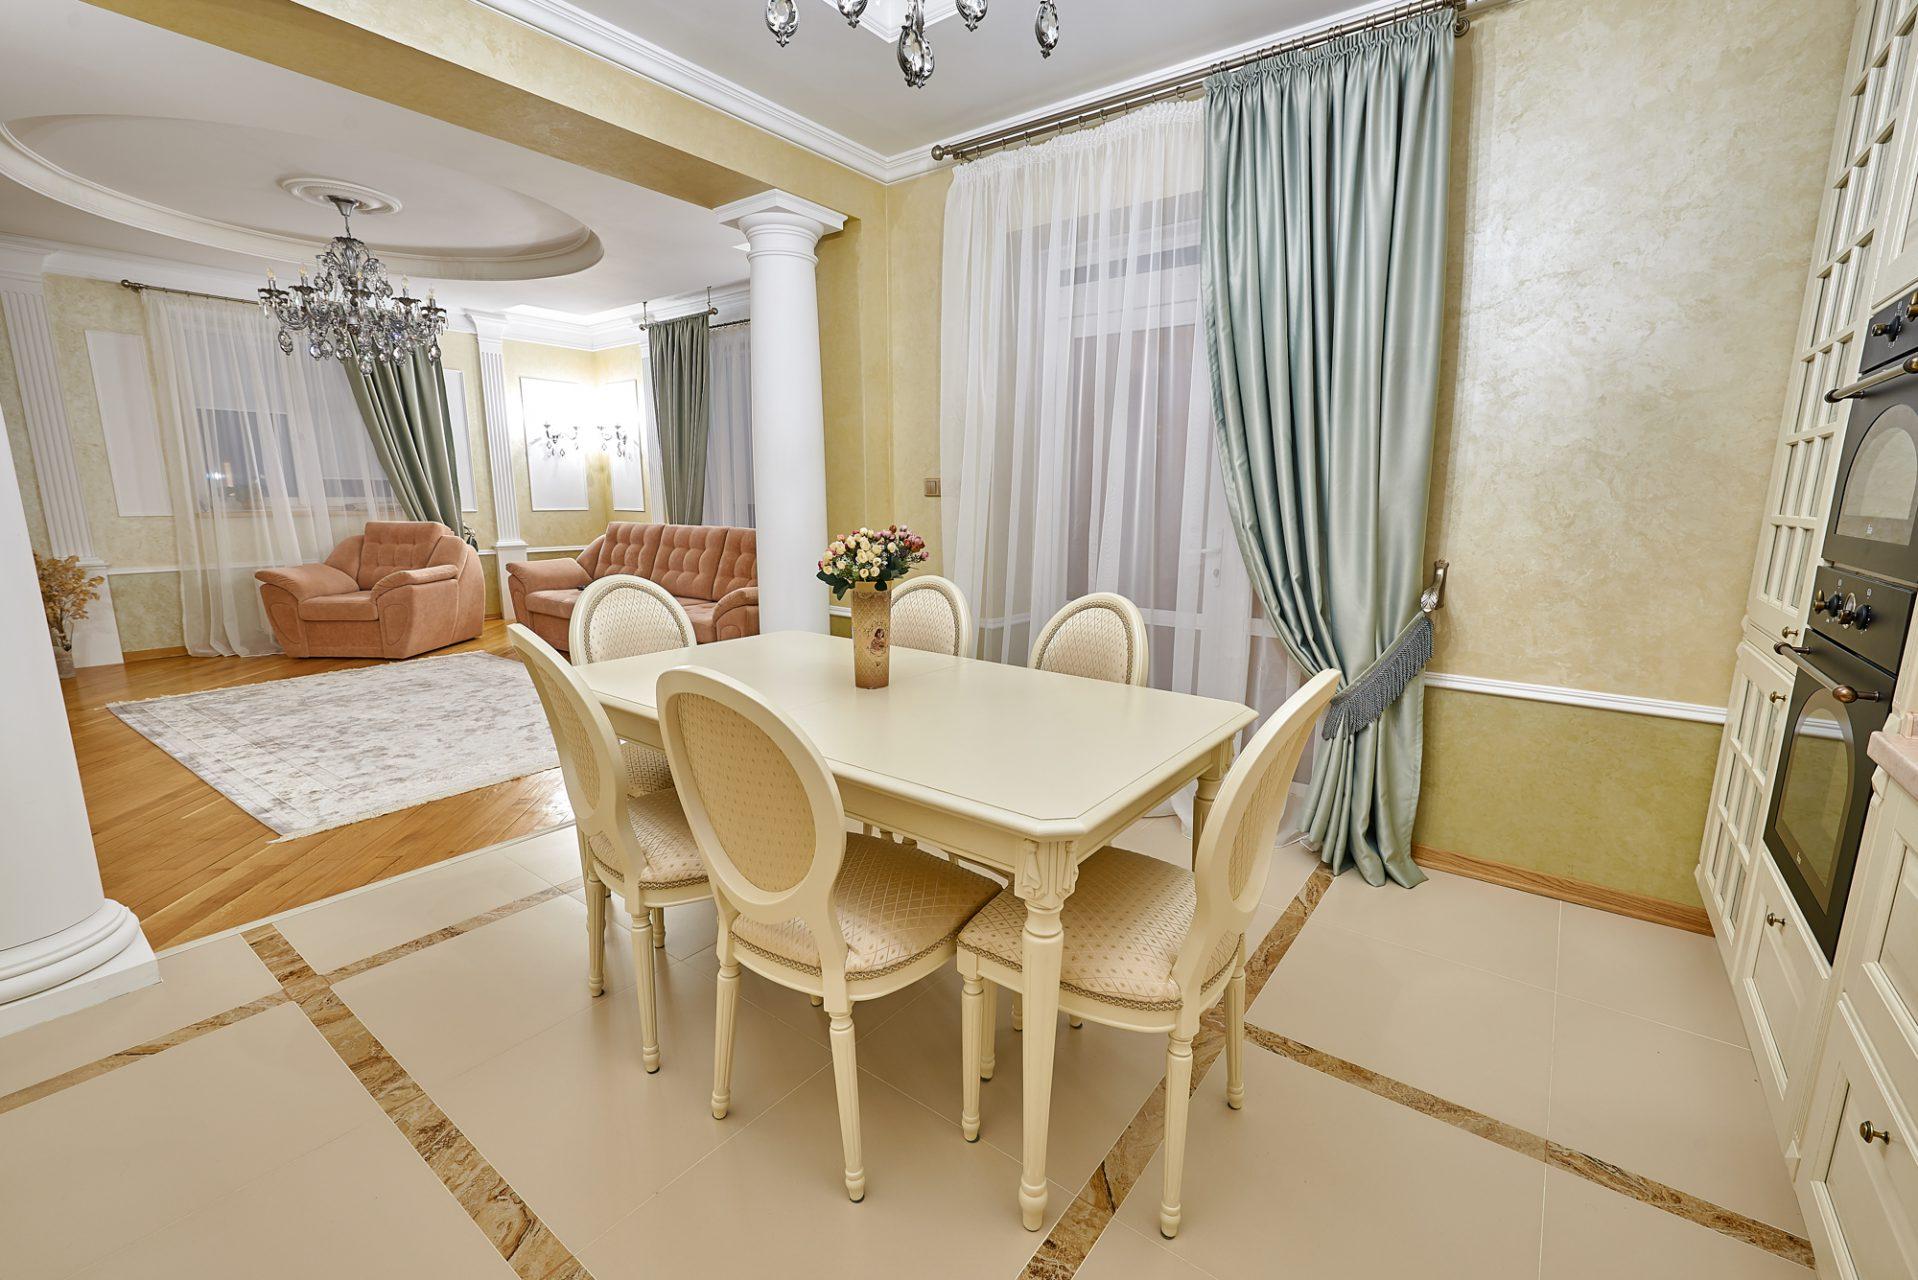 004_interior_kitchen3_korneychikeu